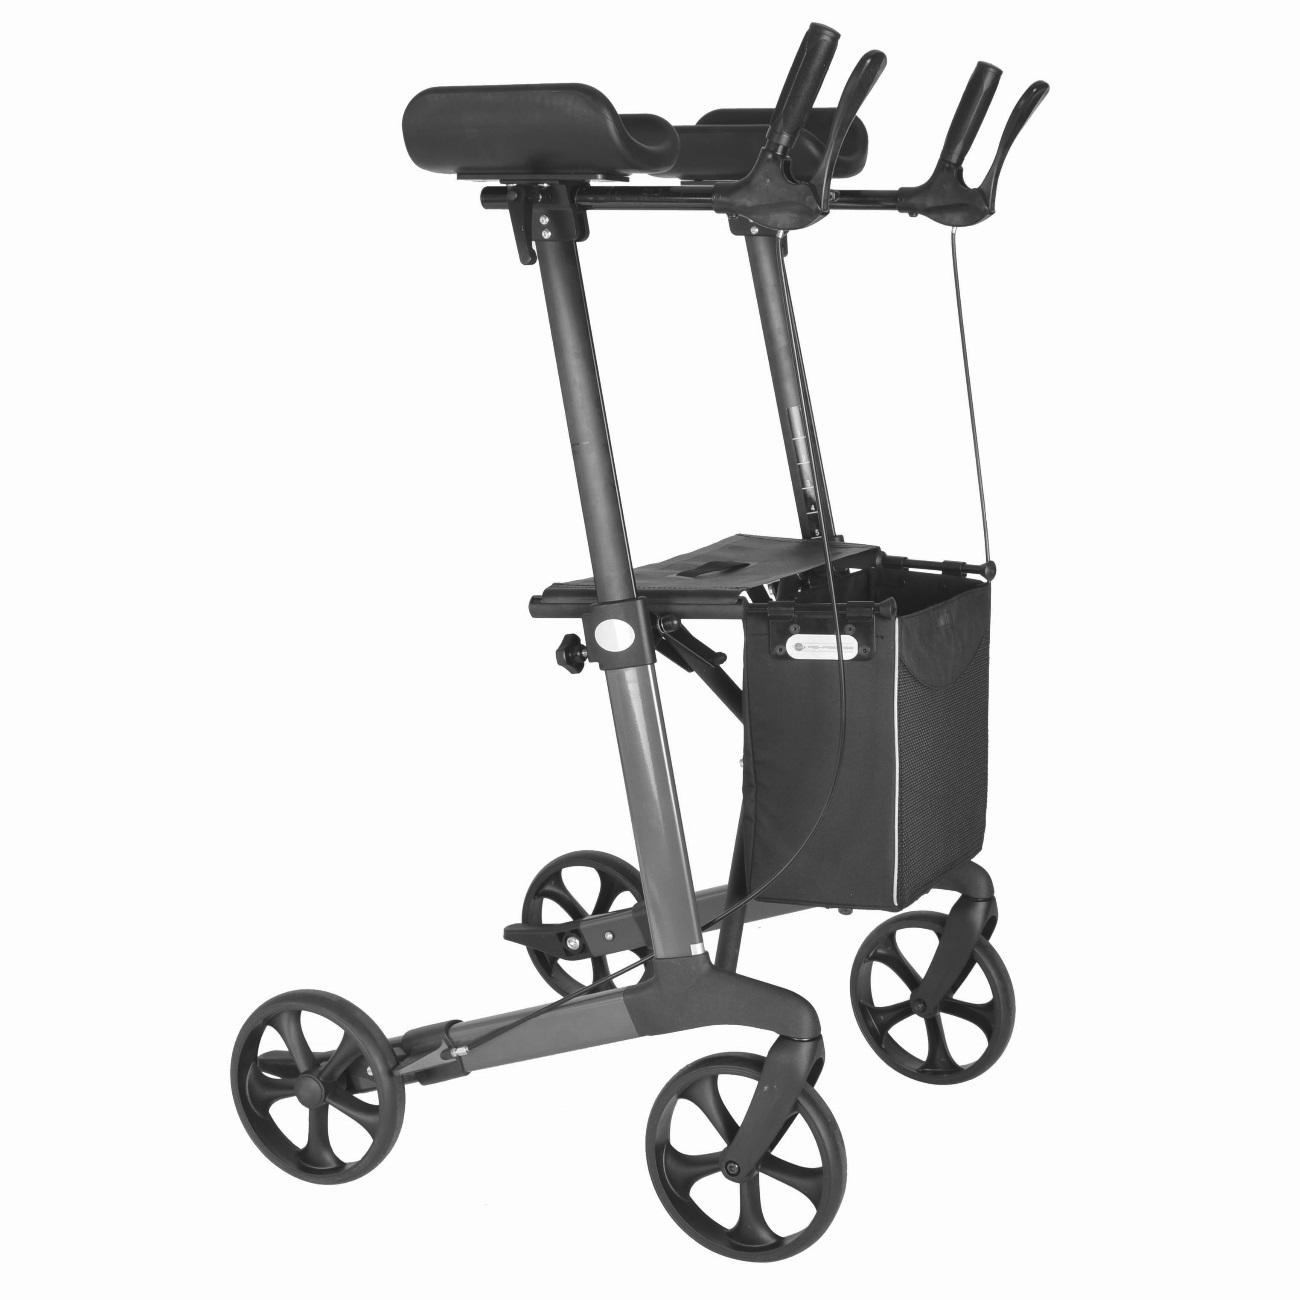 Faltbarer Rollator für Arthritispatienten oder Menschen mit geringen ...